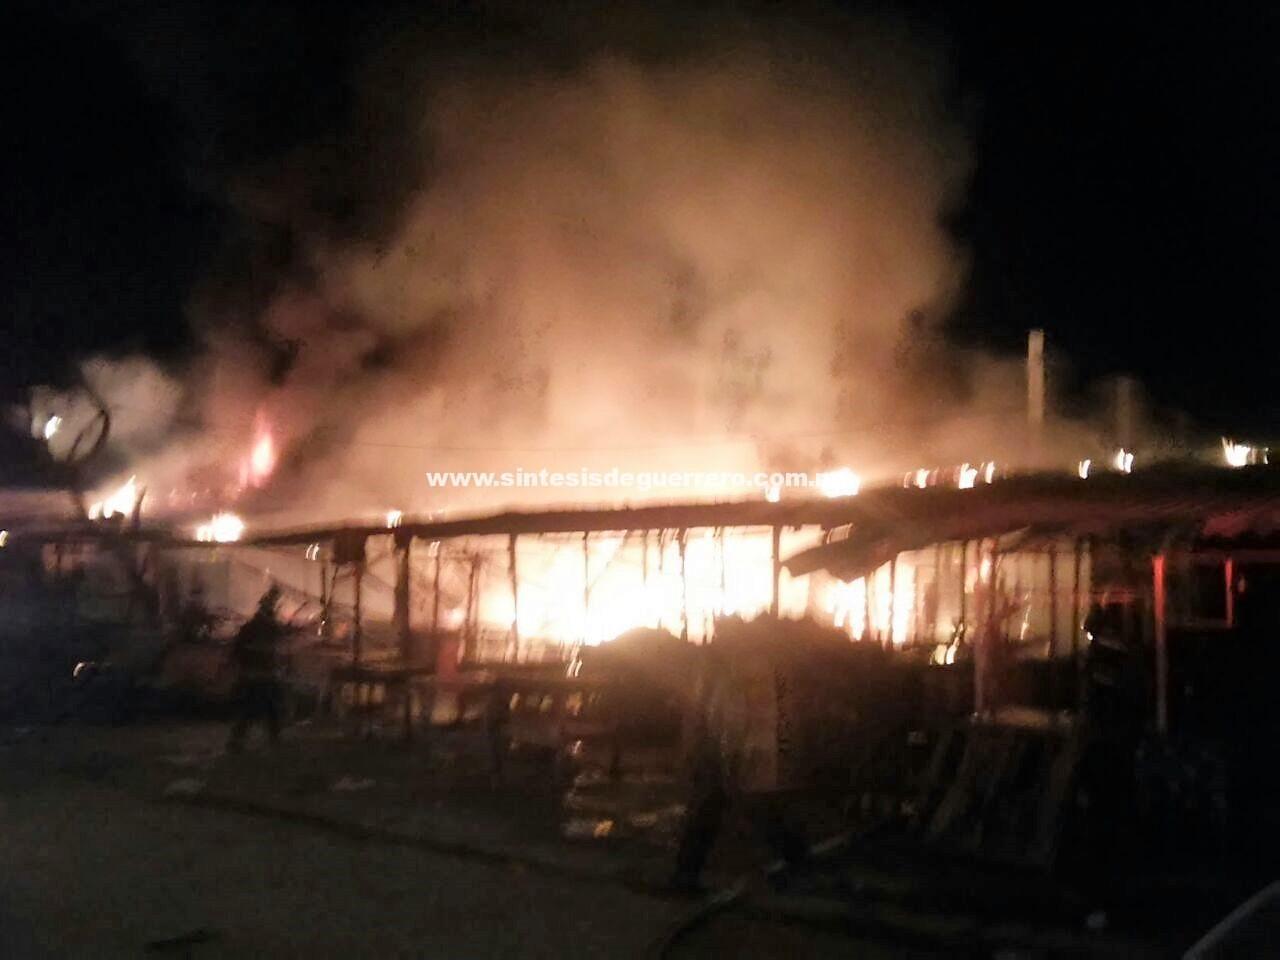 Locales quemados, persecuciones, balaceras y un ejecutado en menos de una hora en Acapulco